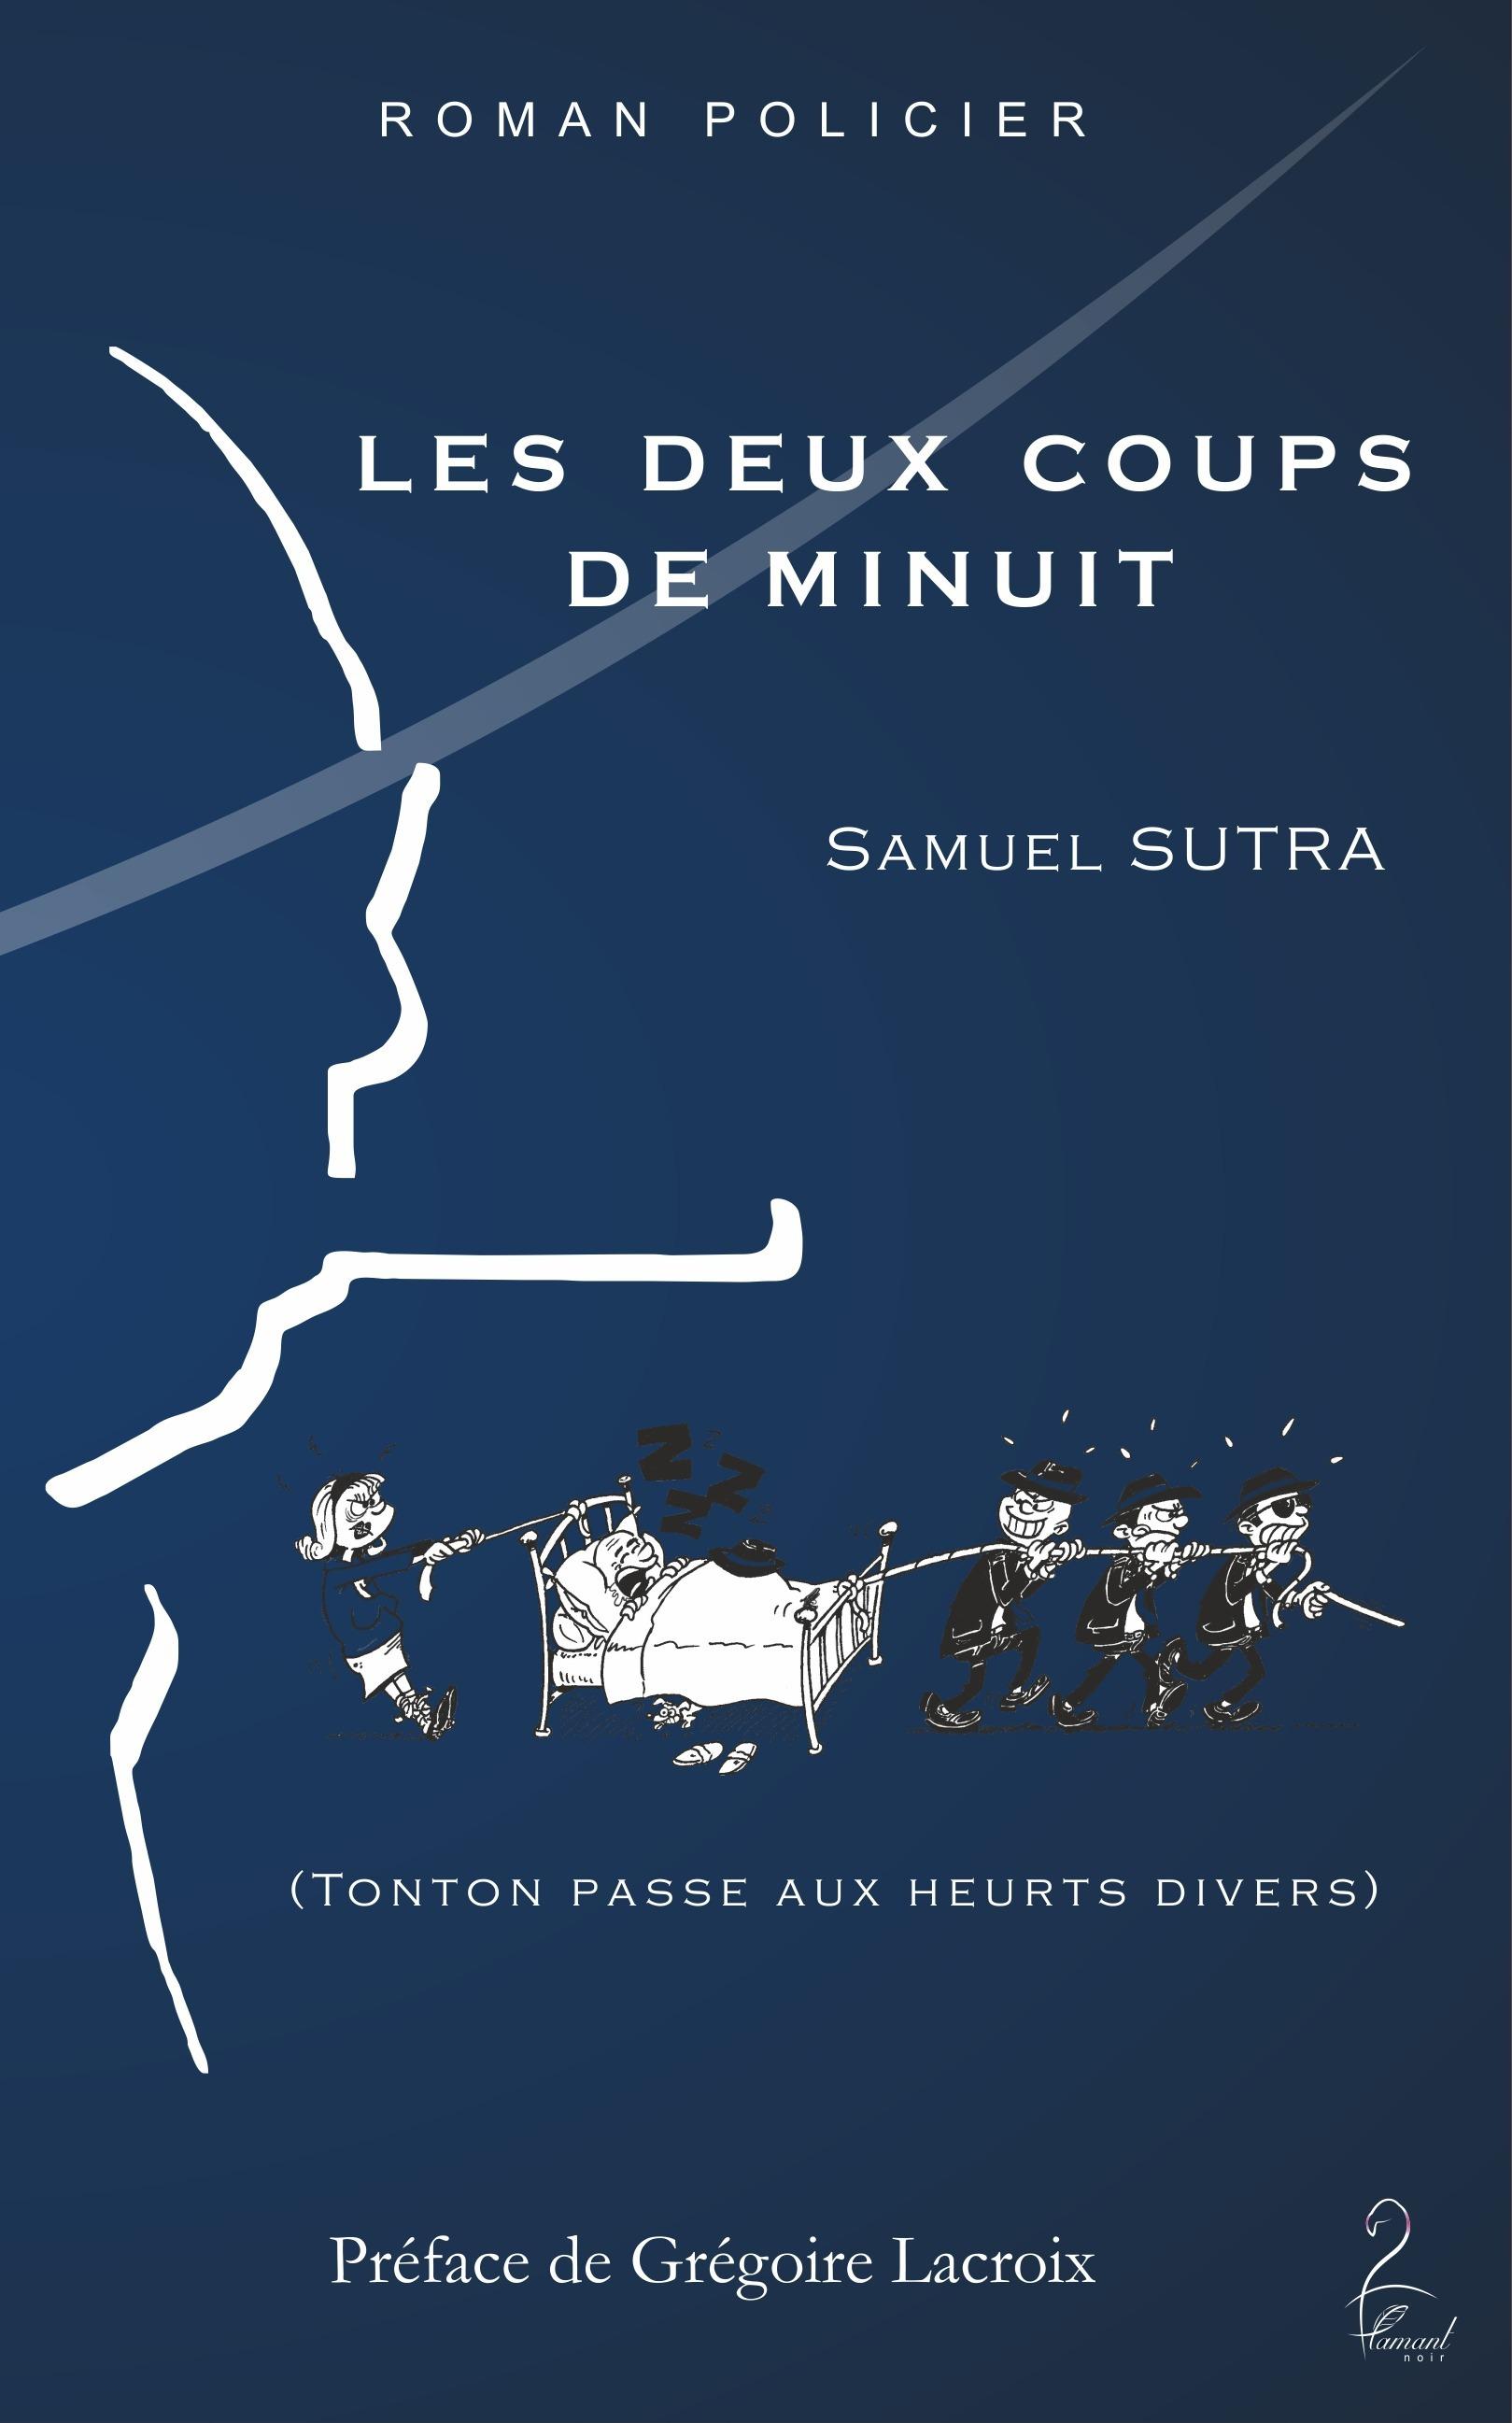 Les deux coups de Minuit - (Tonton passe aux heurts divers)  - Samuel Sutra